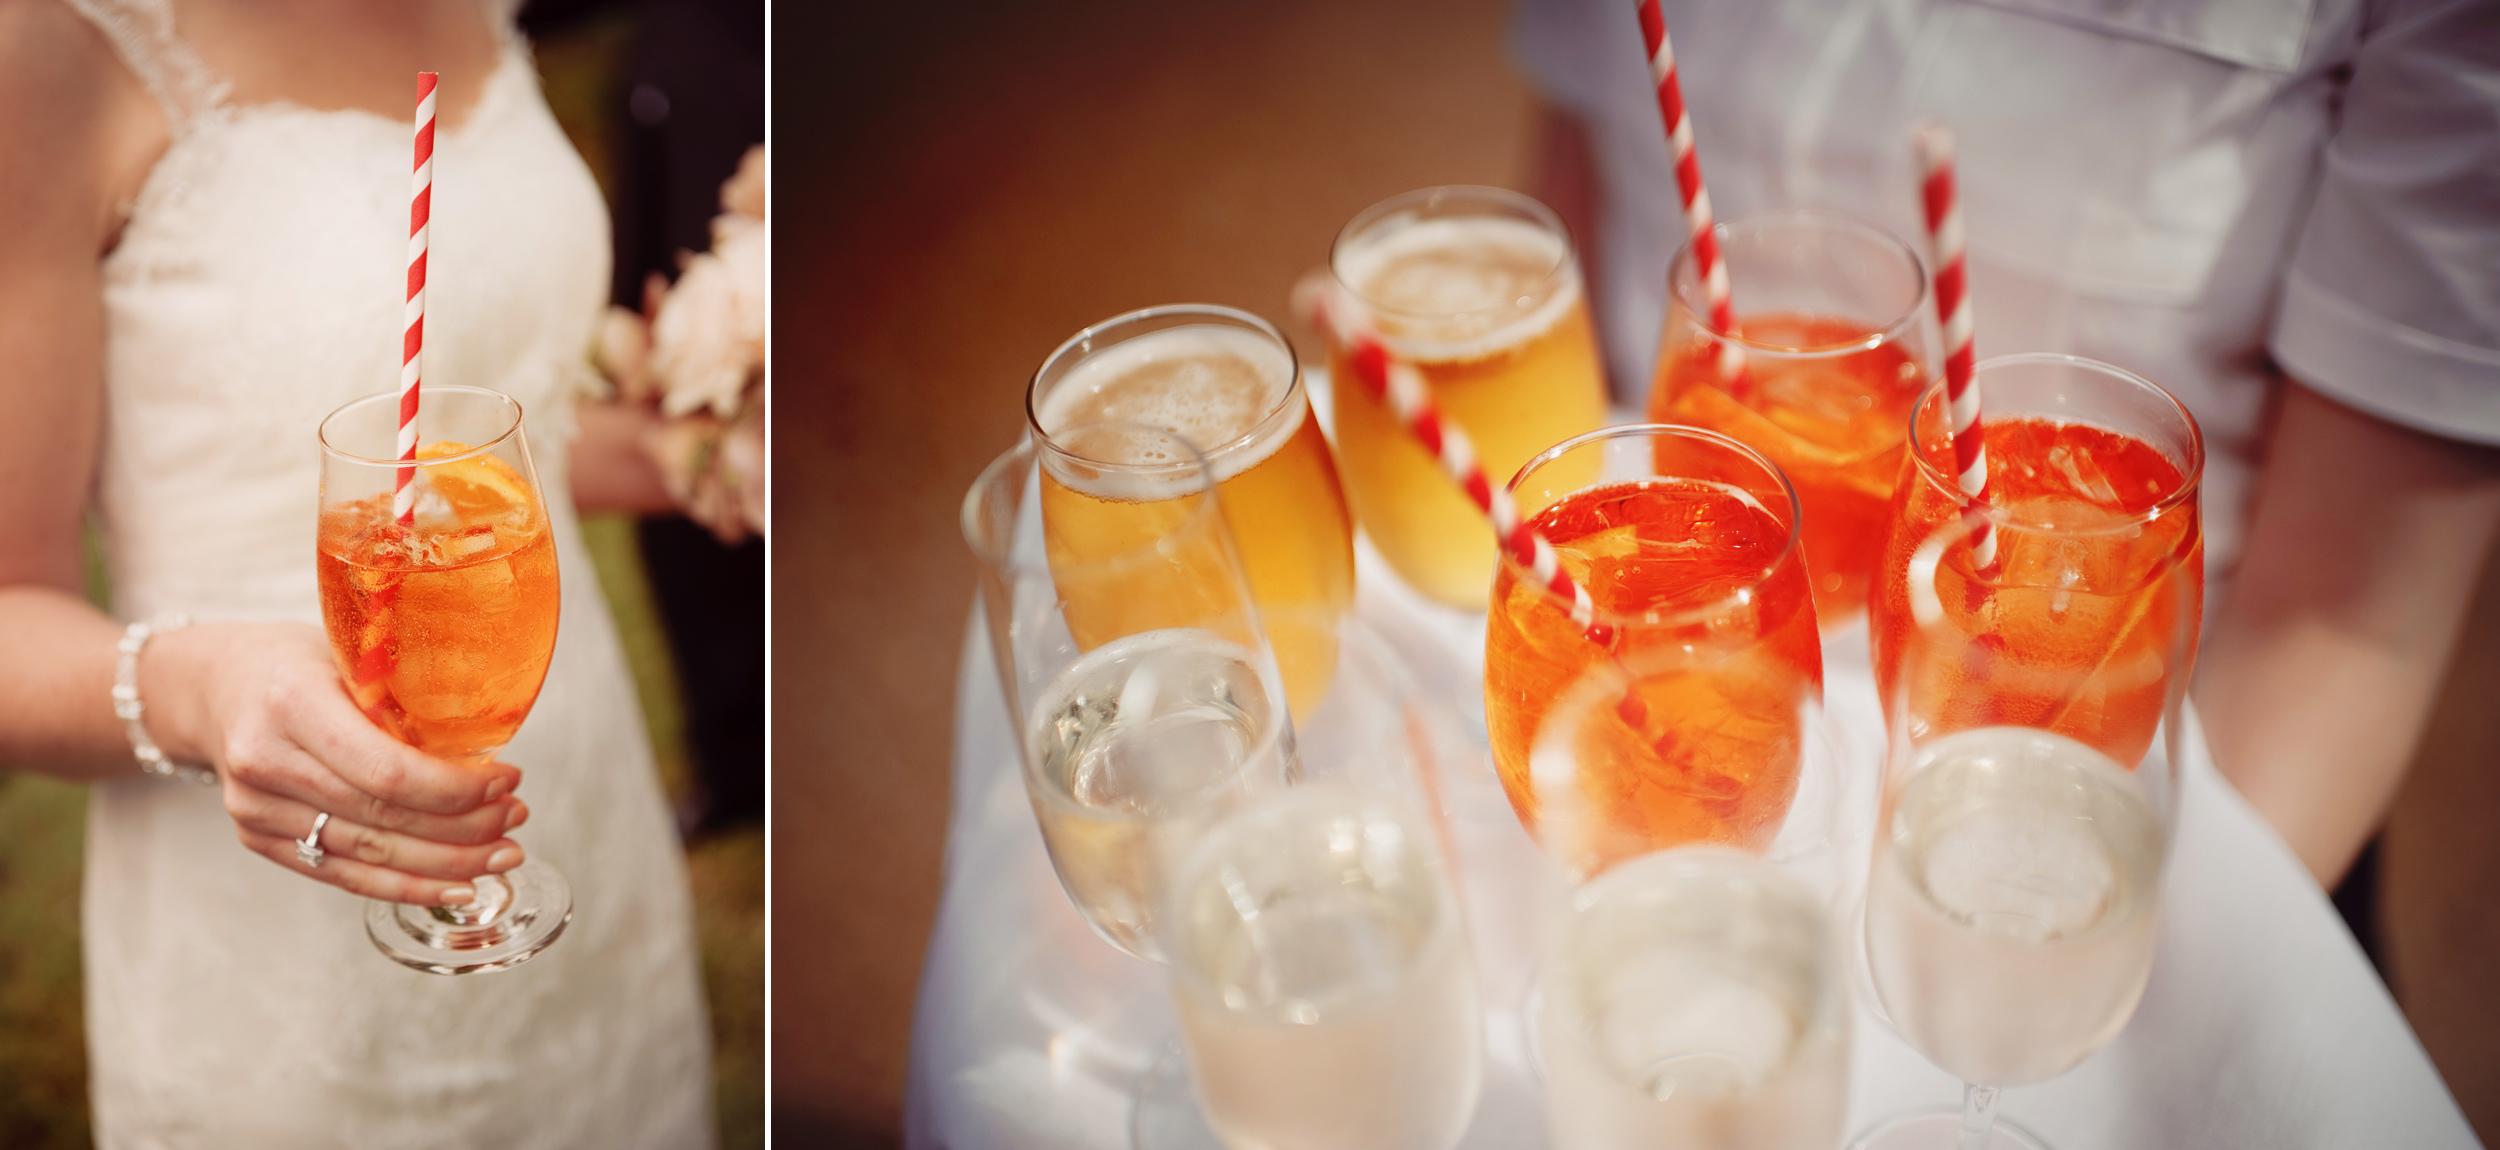 euroa_butter_factory_wedding_photography_69.jpg